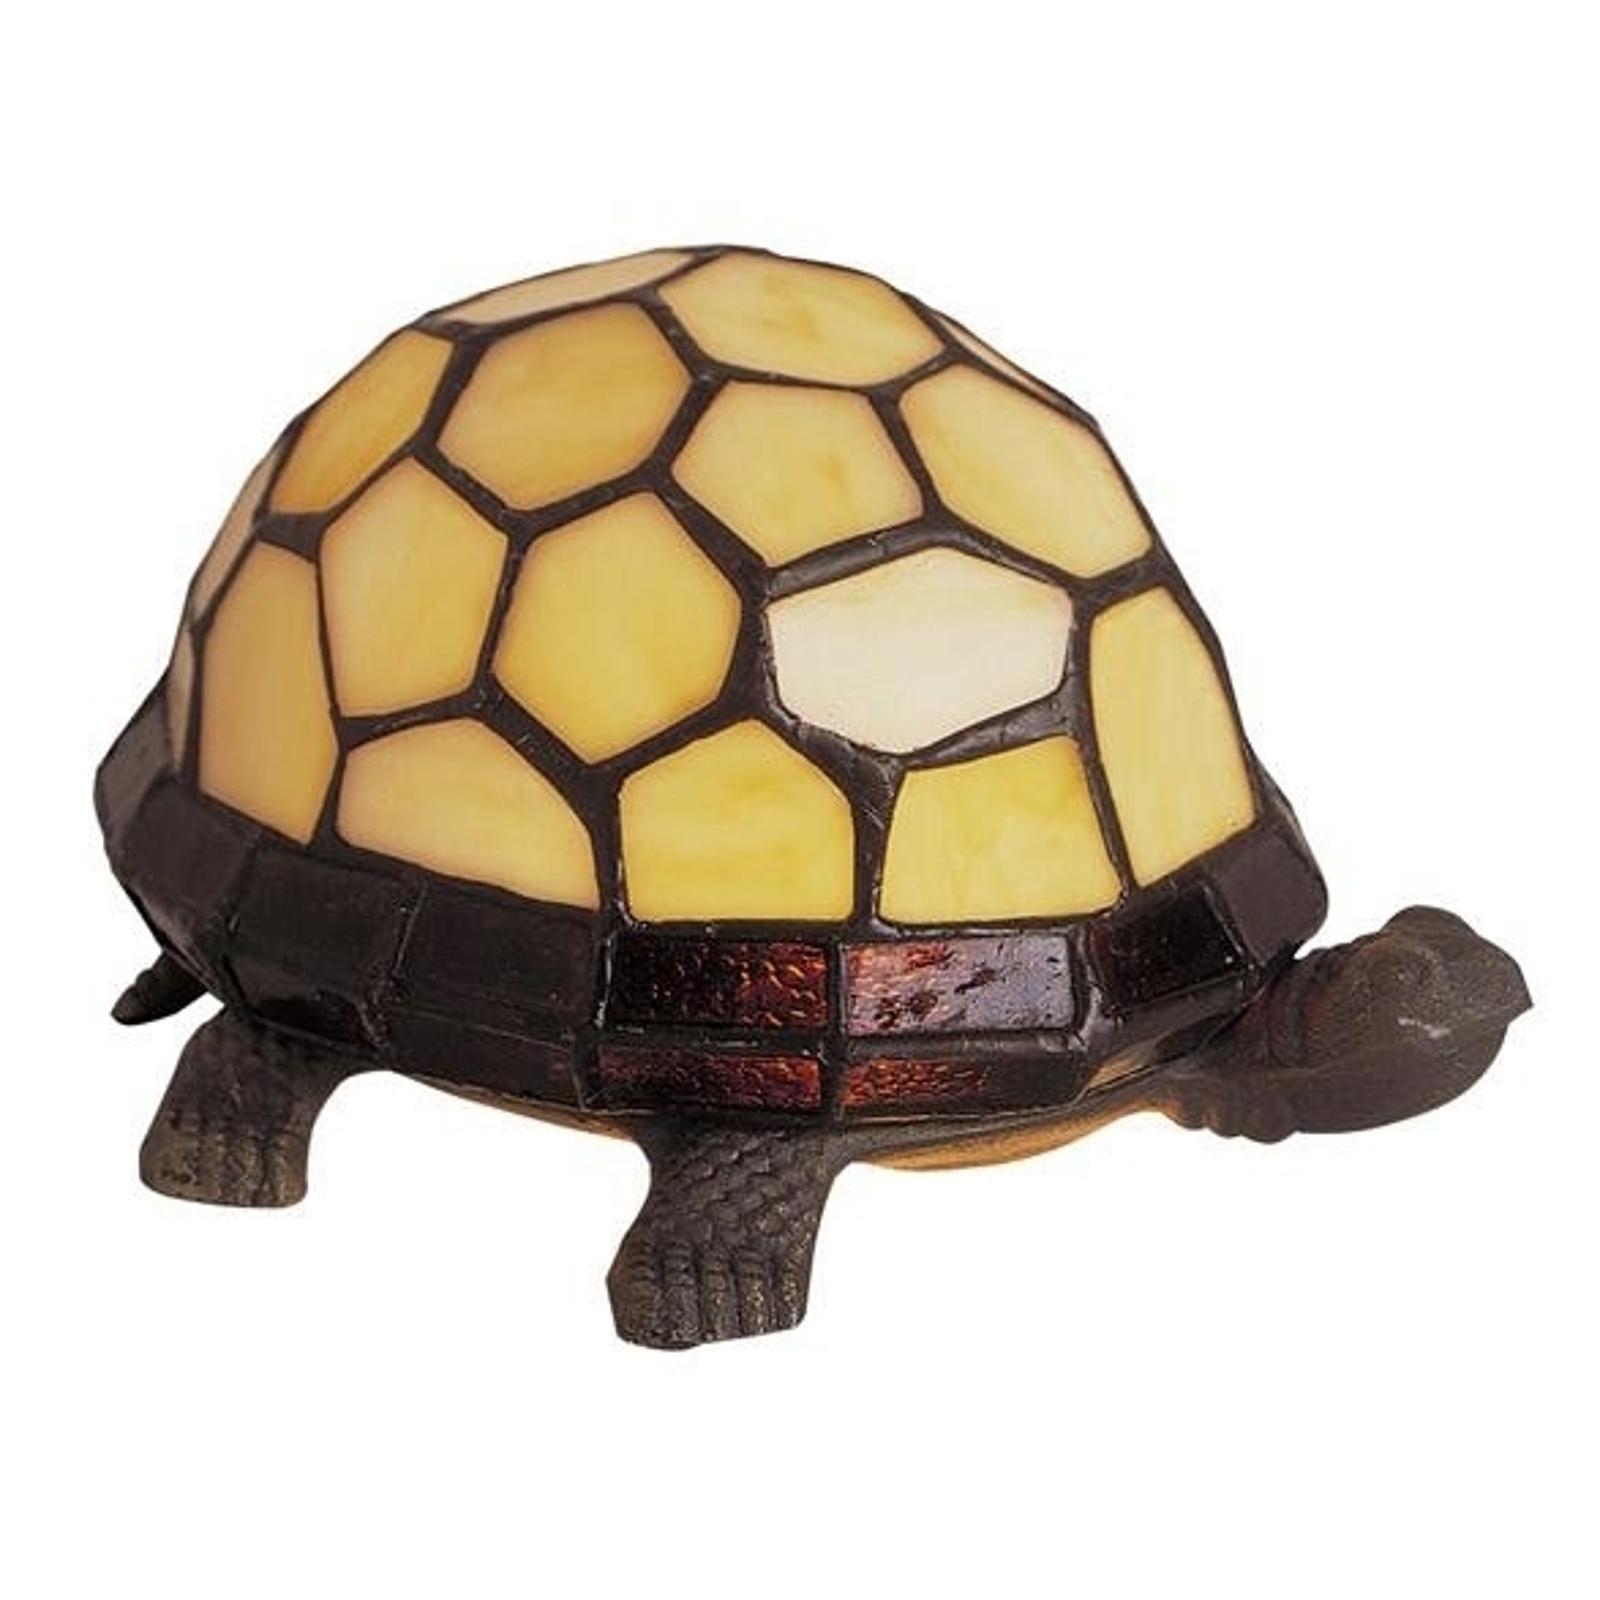 TORTUE - bordslampa i form av en sköldpadda